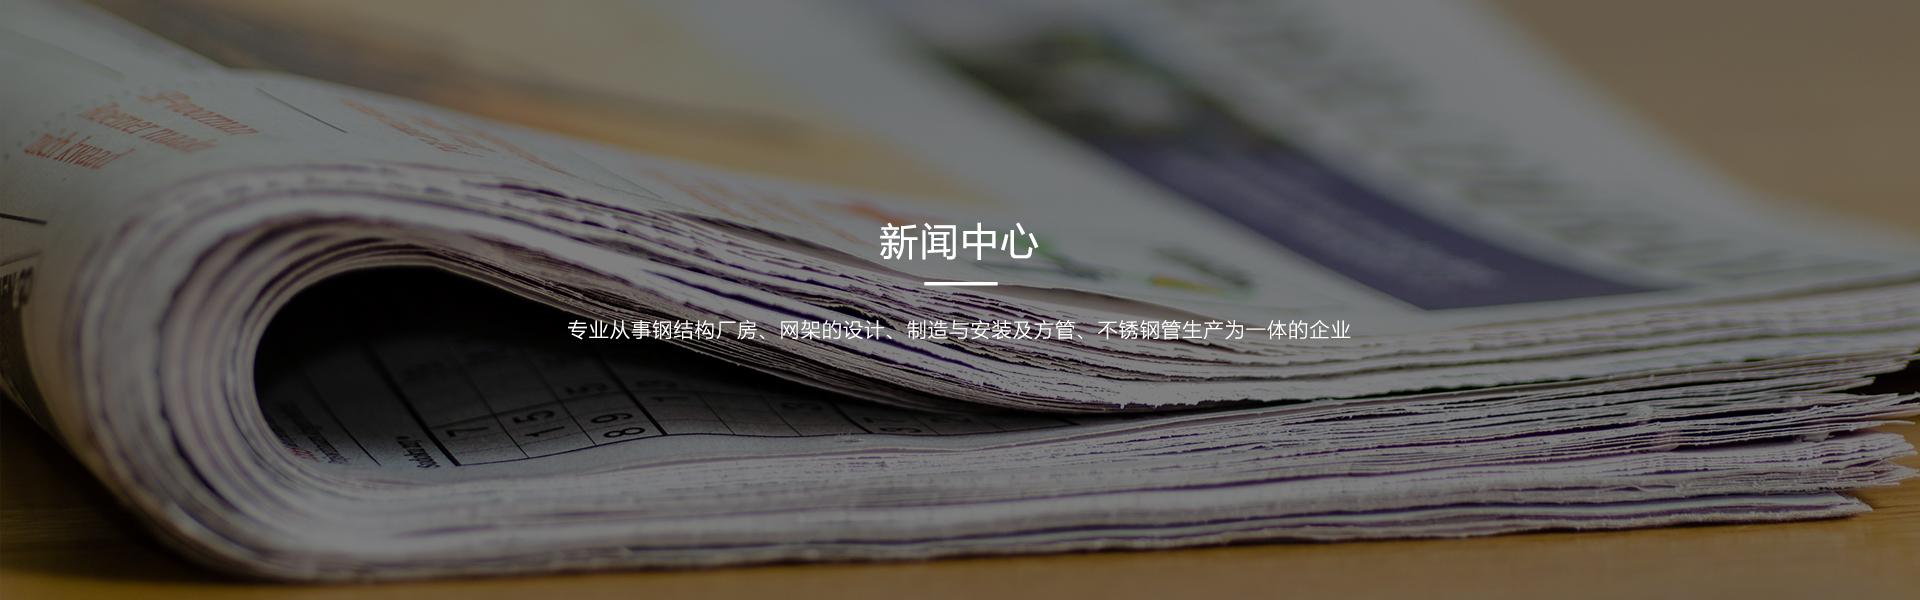 新闻中心 banner